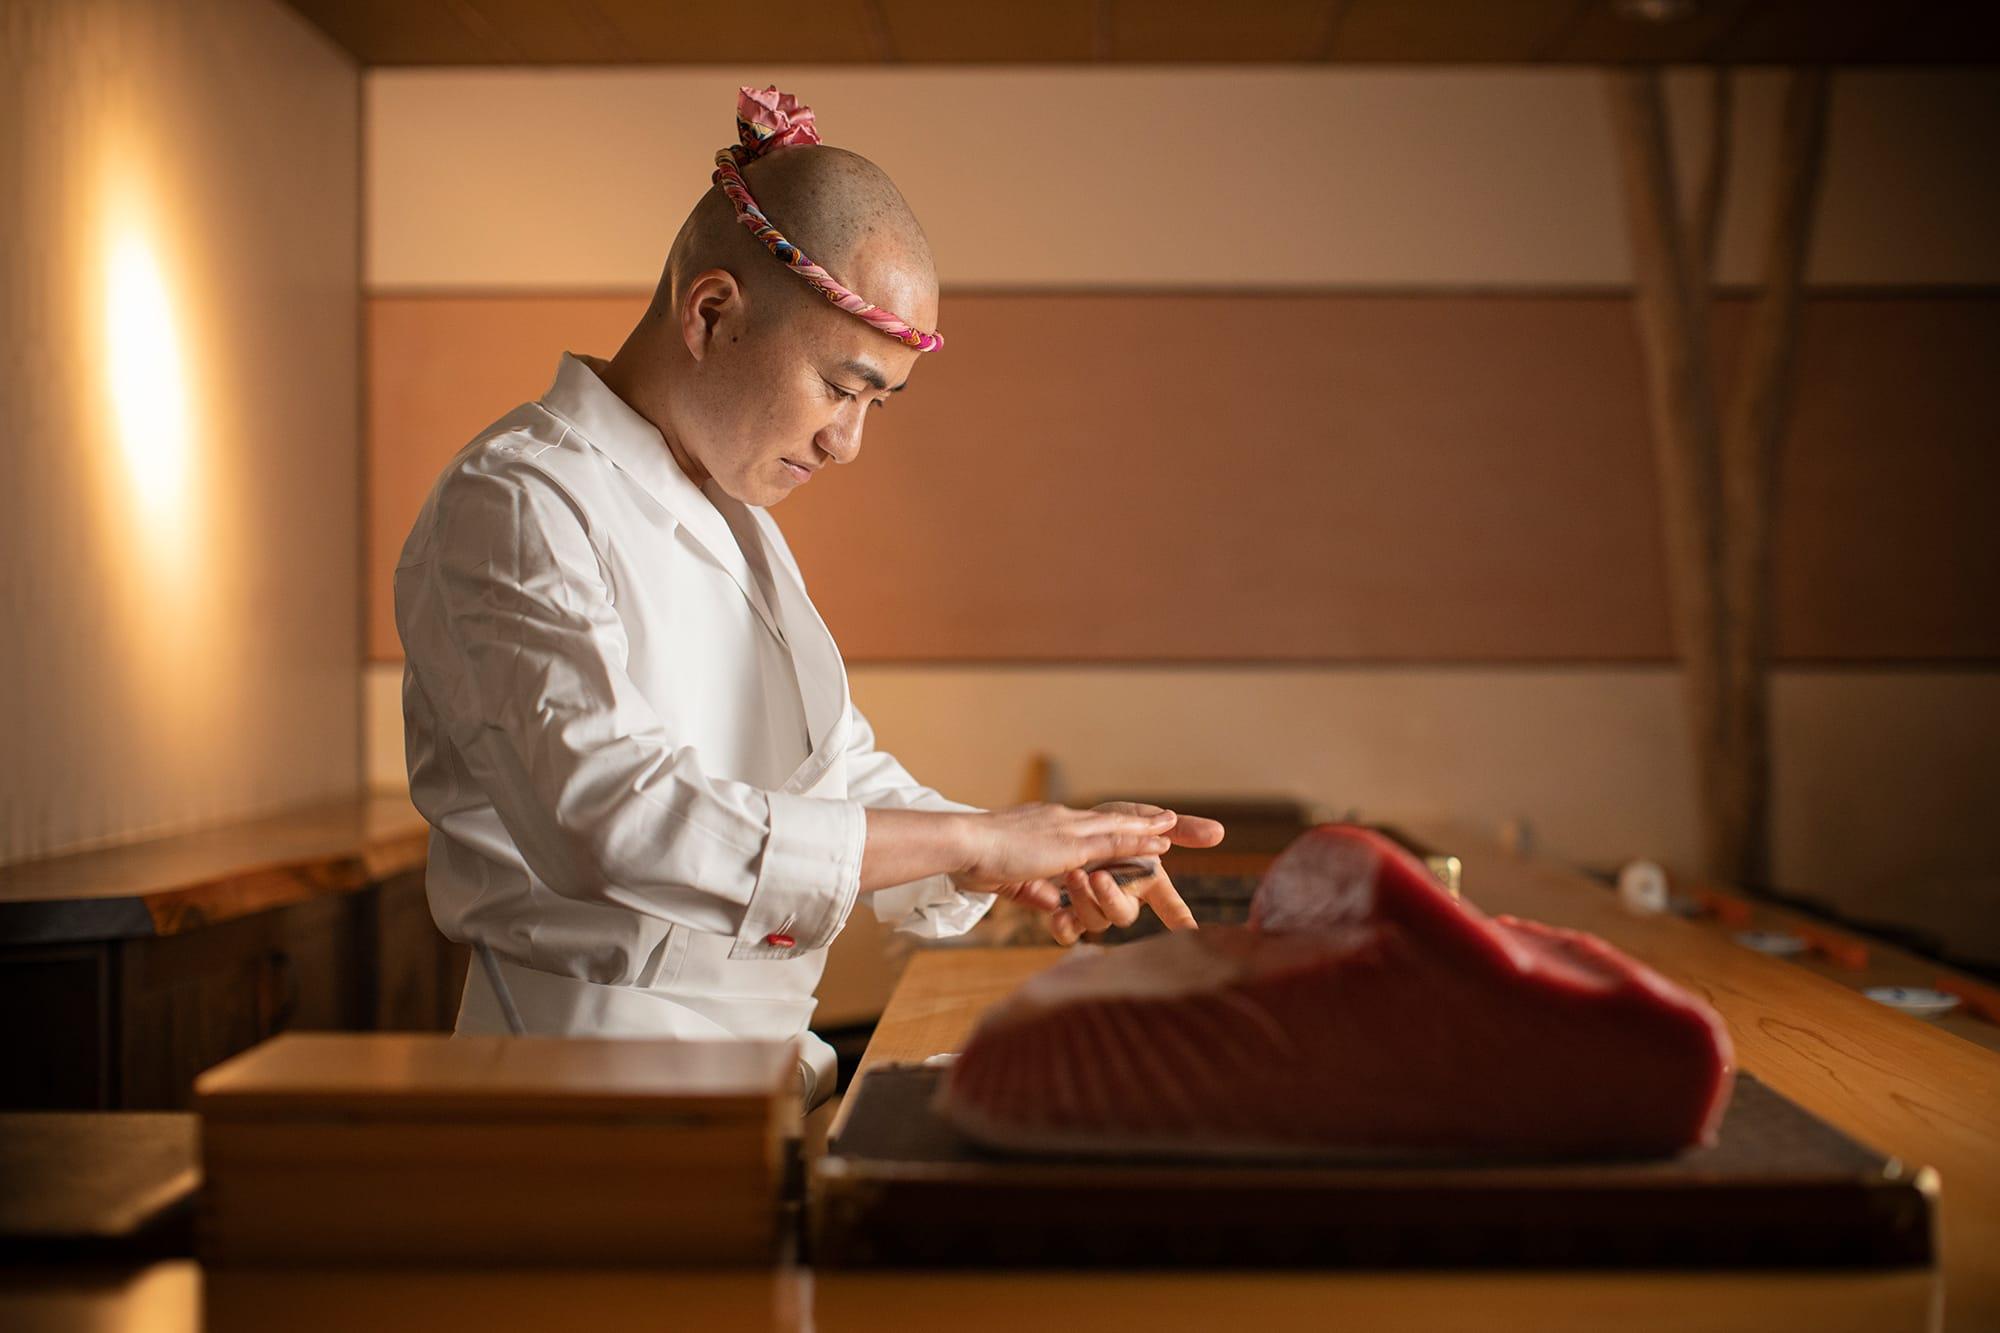 15歳で鮨職人の道へ。名店「鮨幸」で15年間研鑽を重ねた職人技が光る。